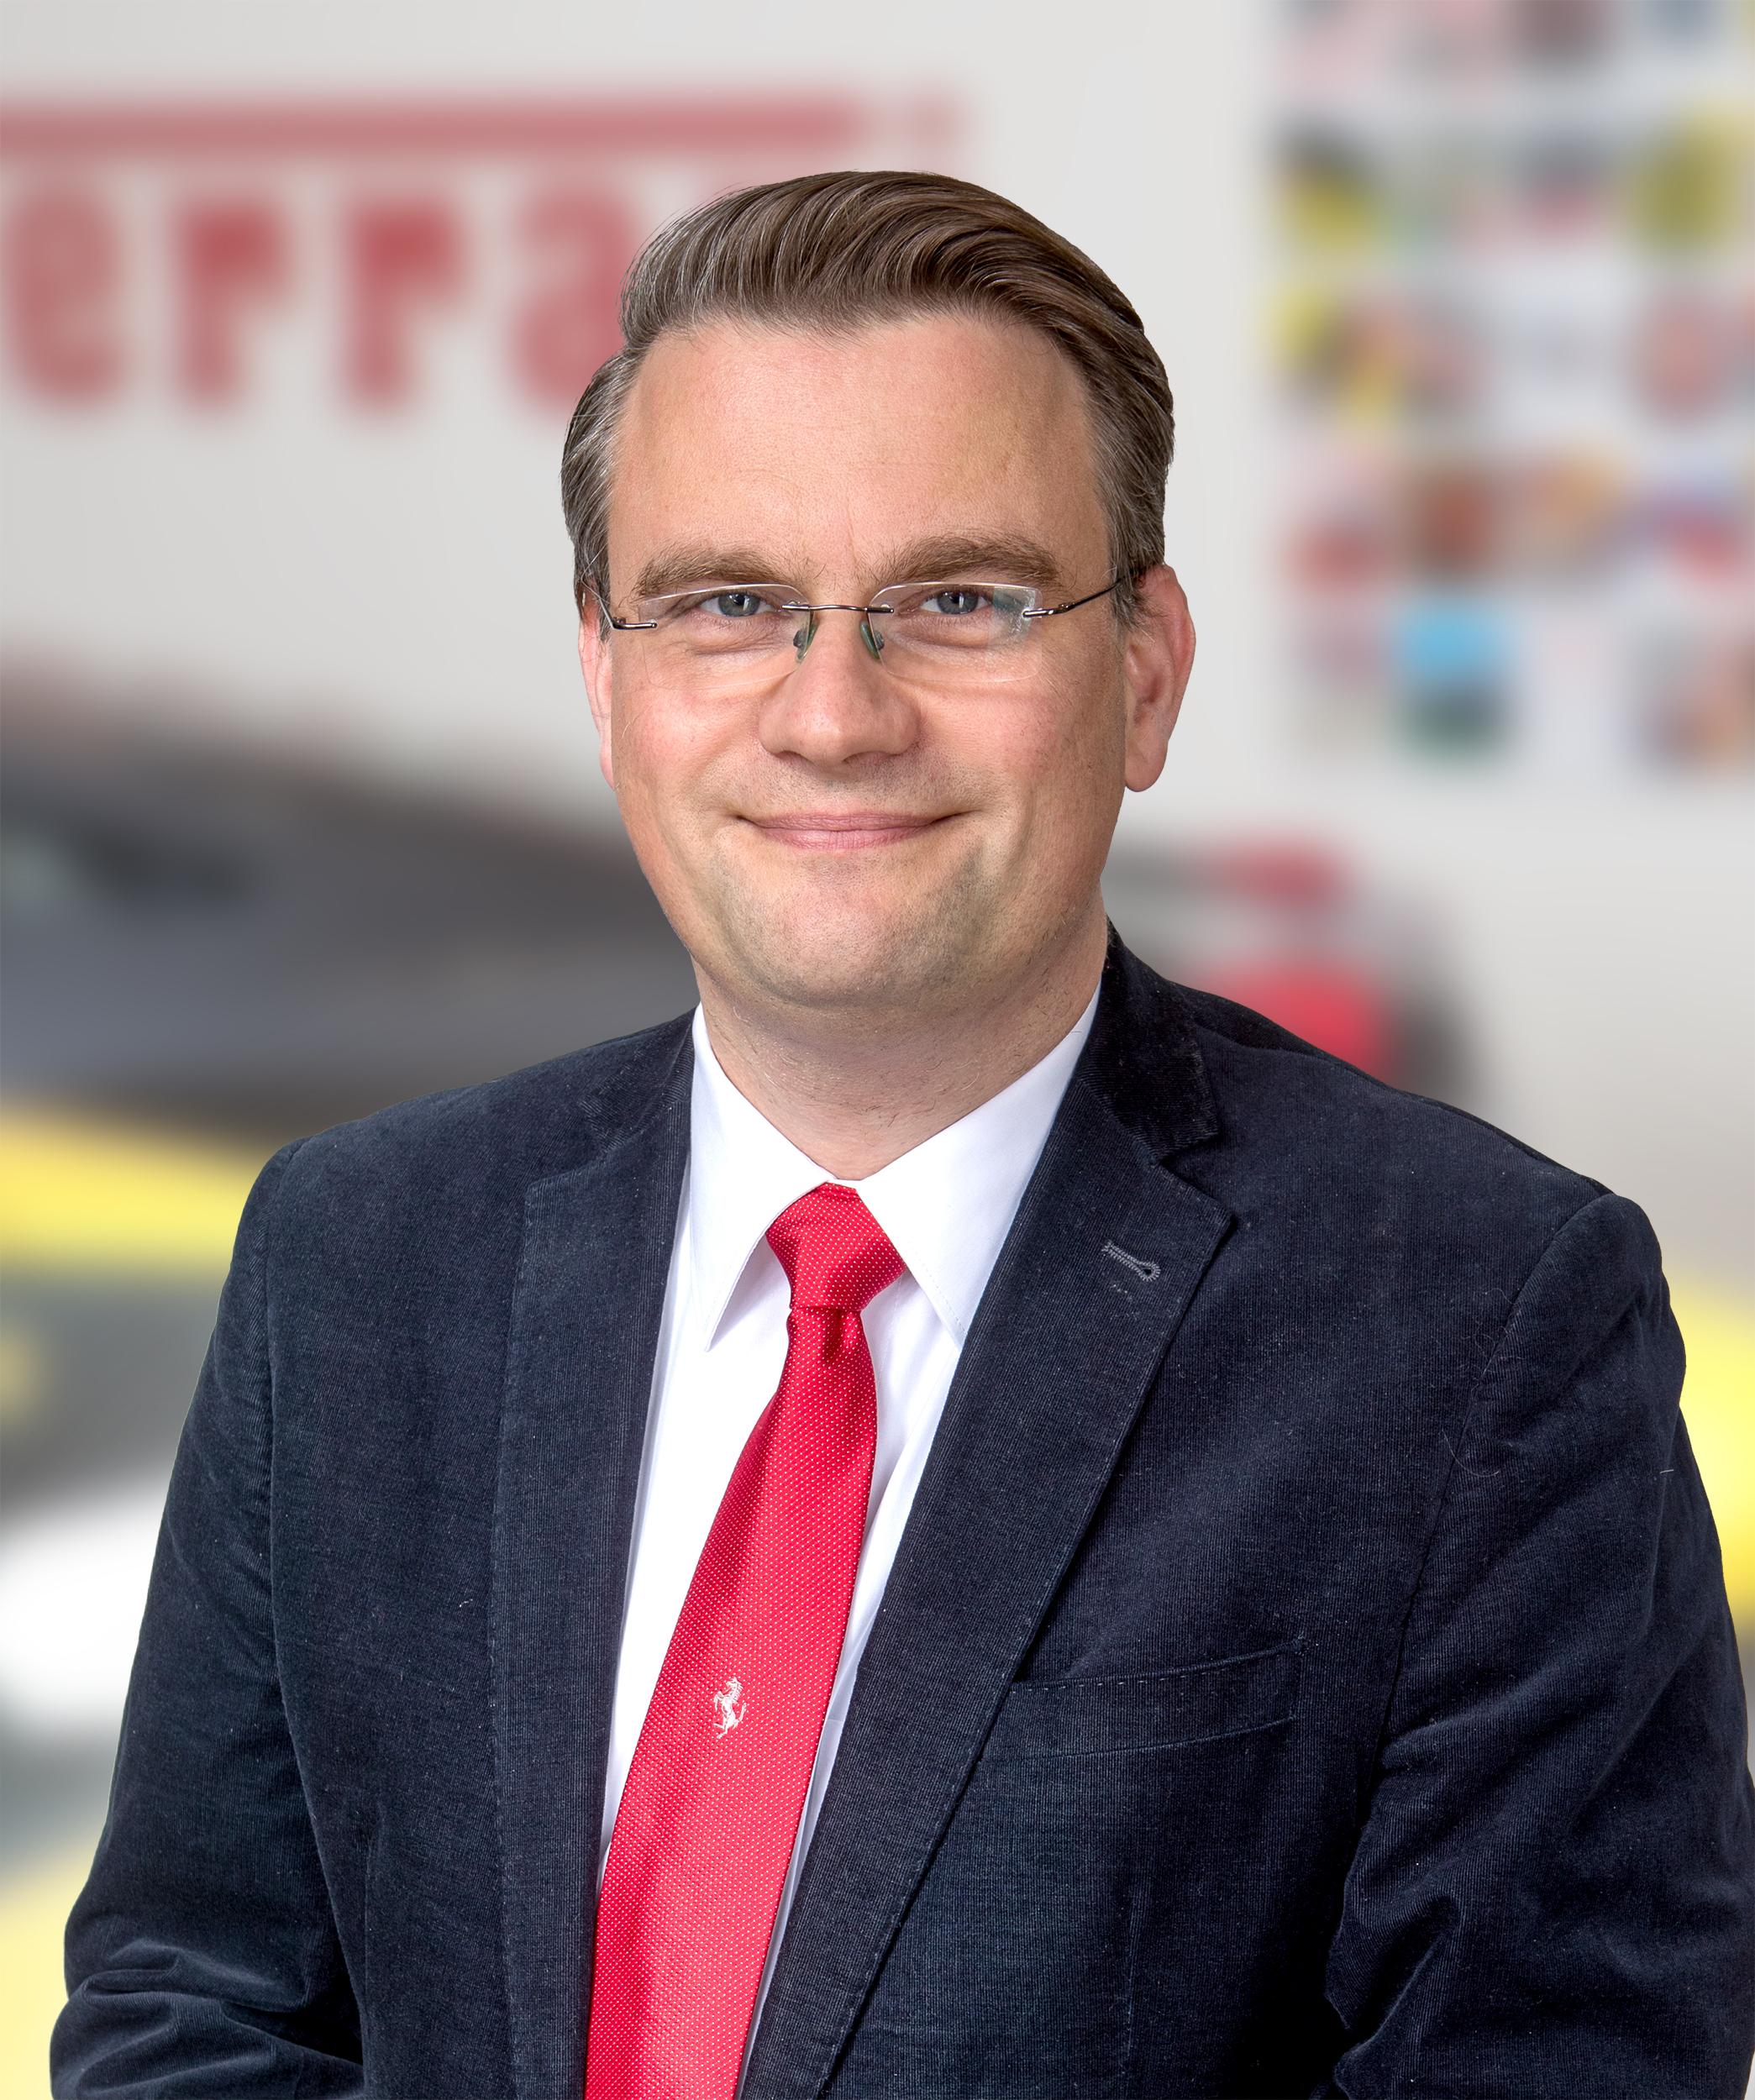 Ingo Vetter